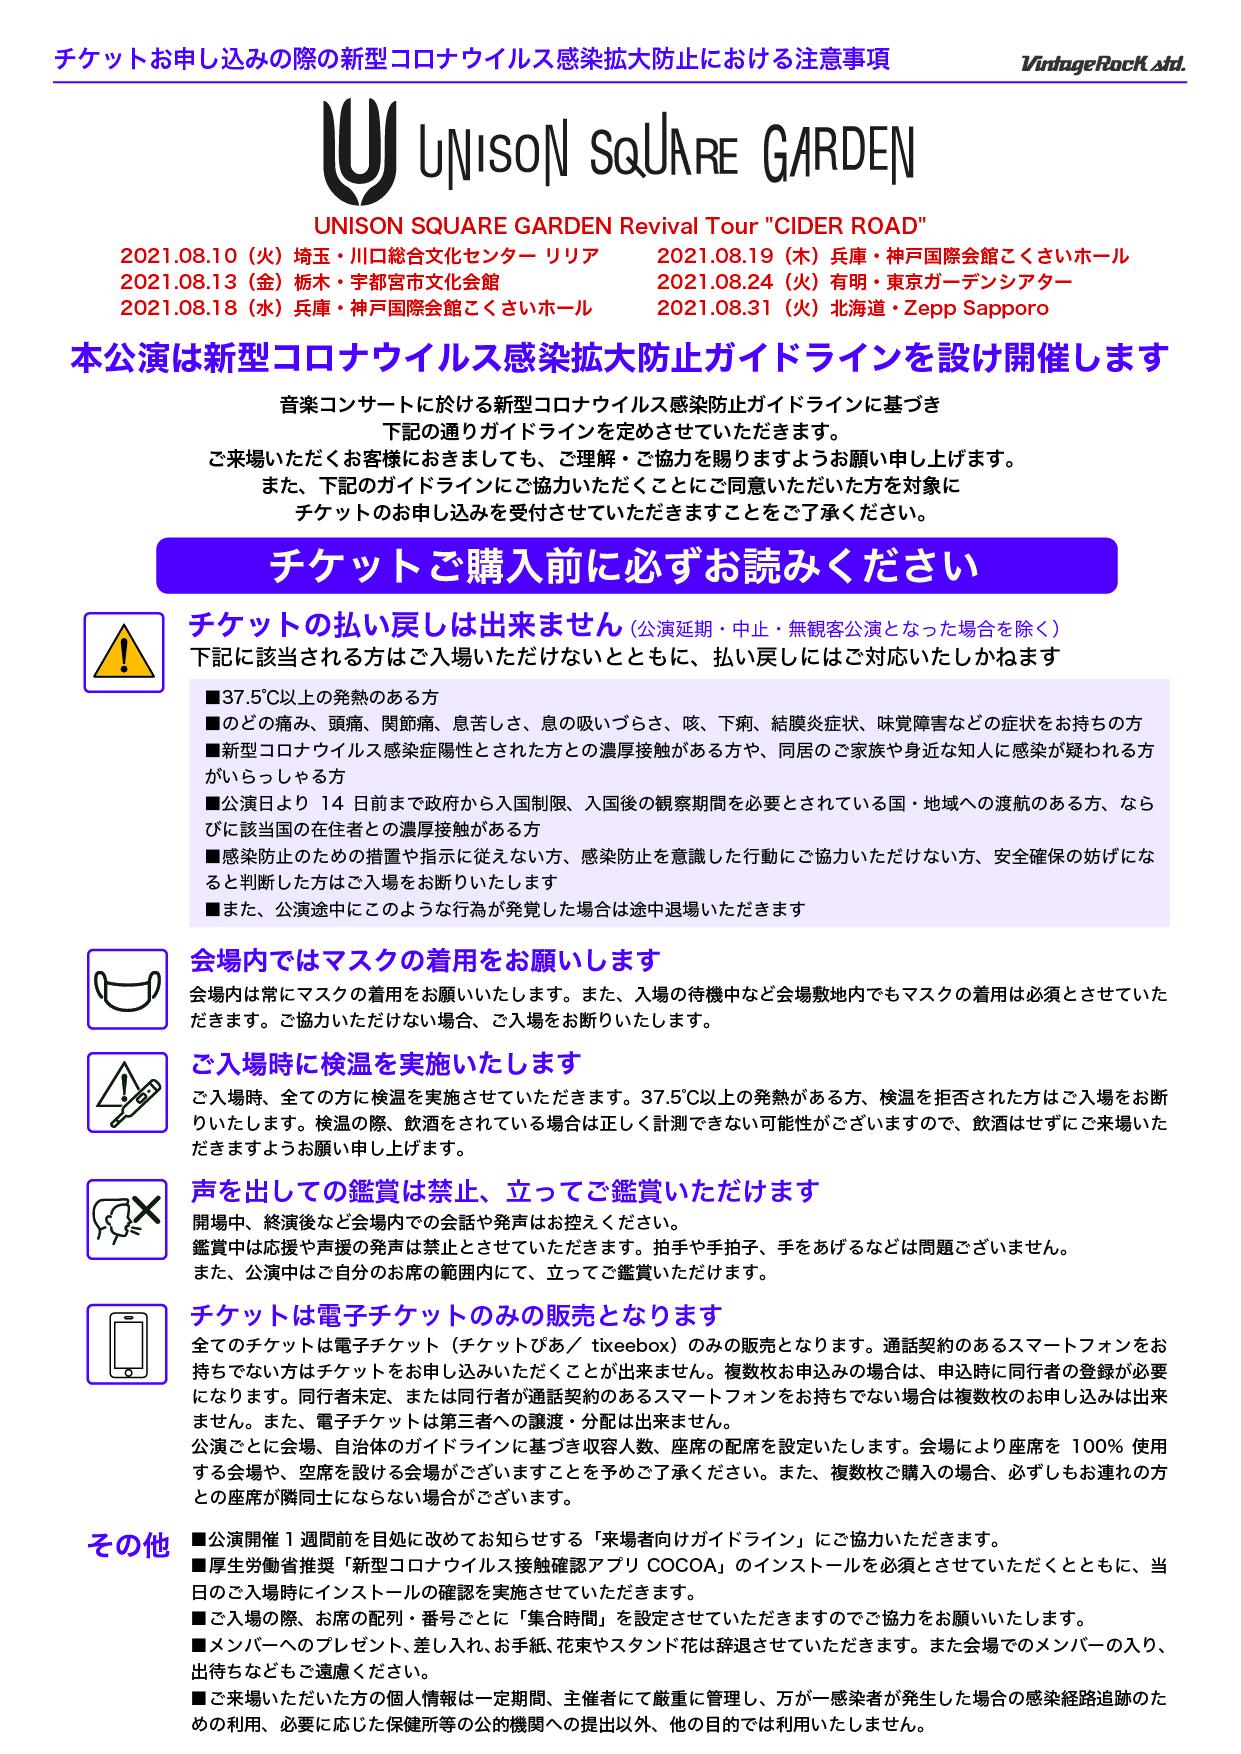 USG_CR購入ガイドライン